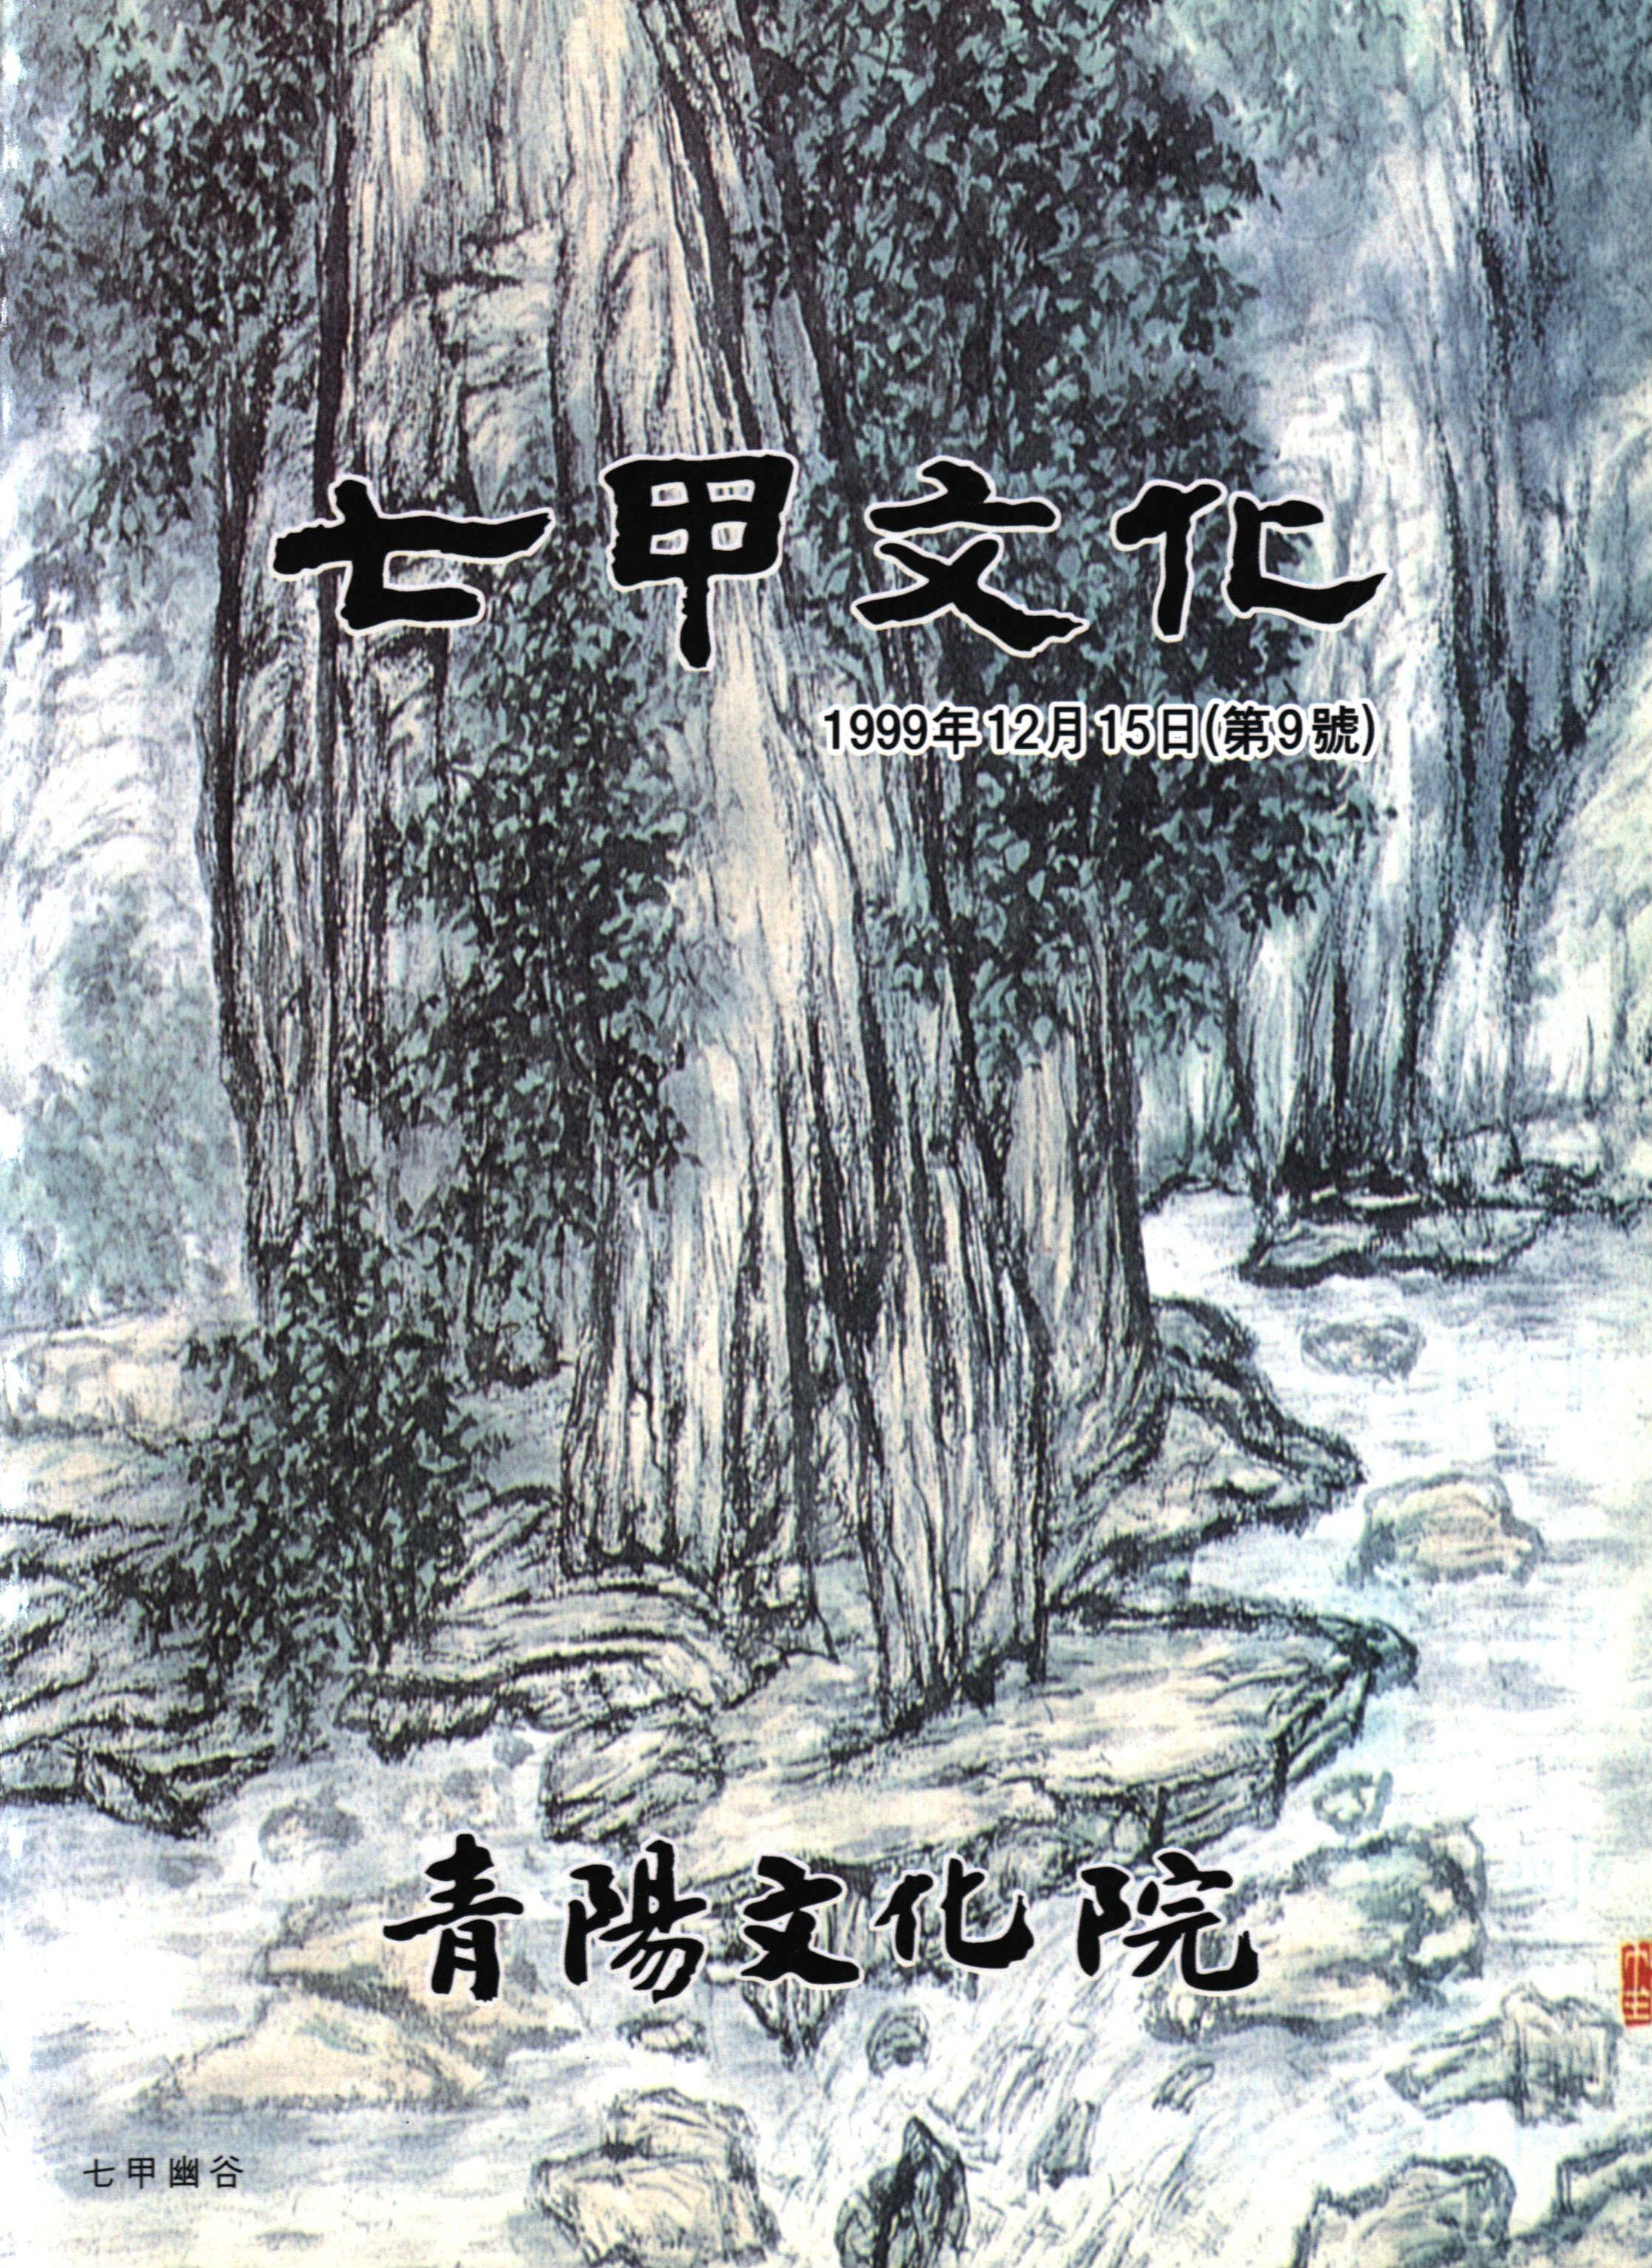 七甲文化 (칠갑문화) 제9호